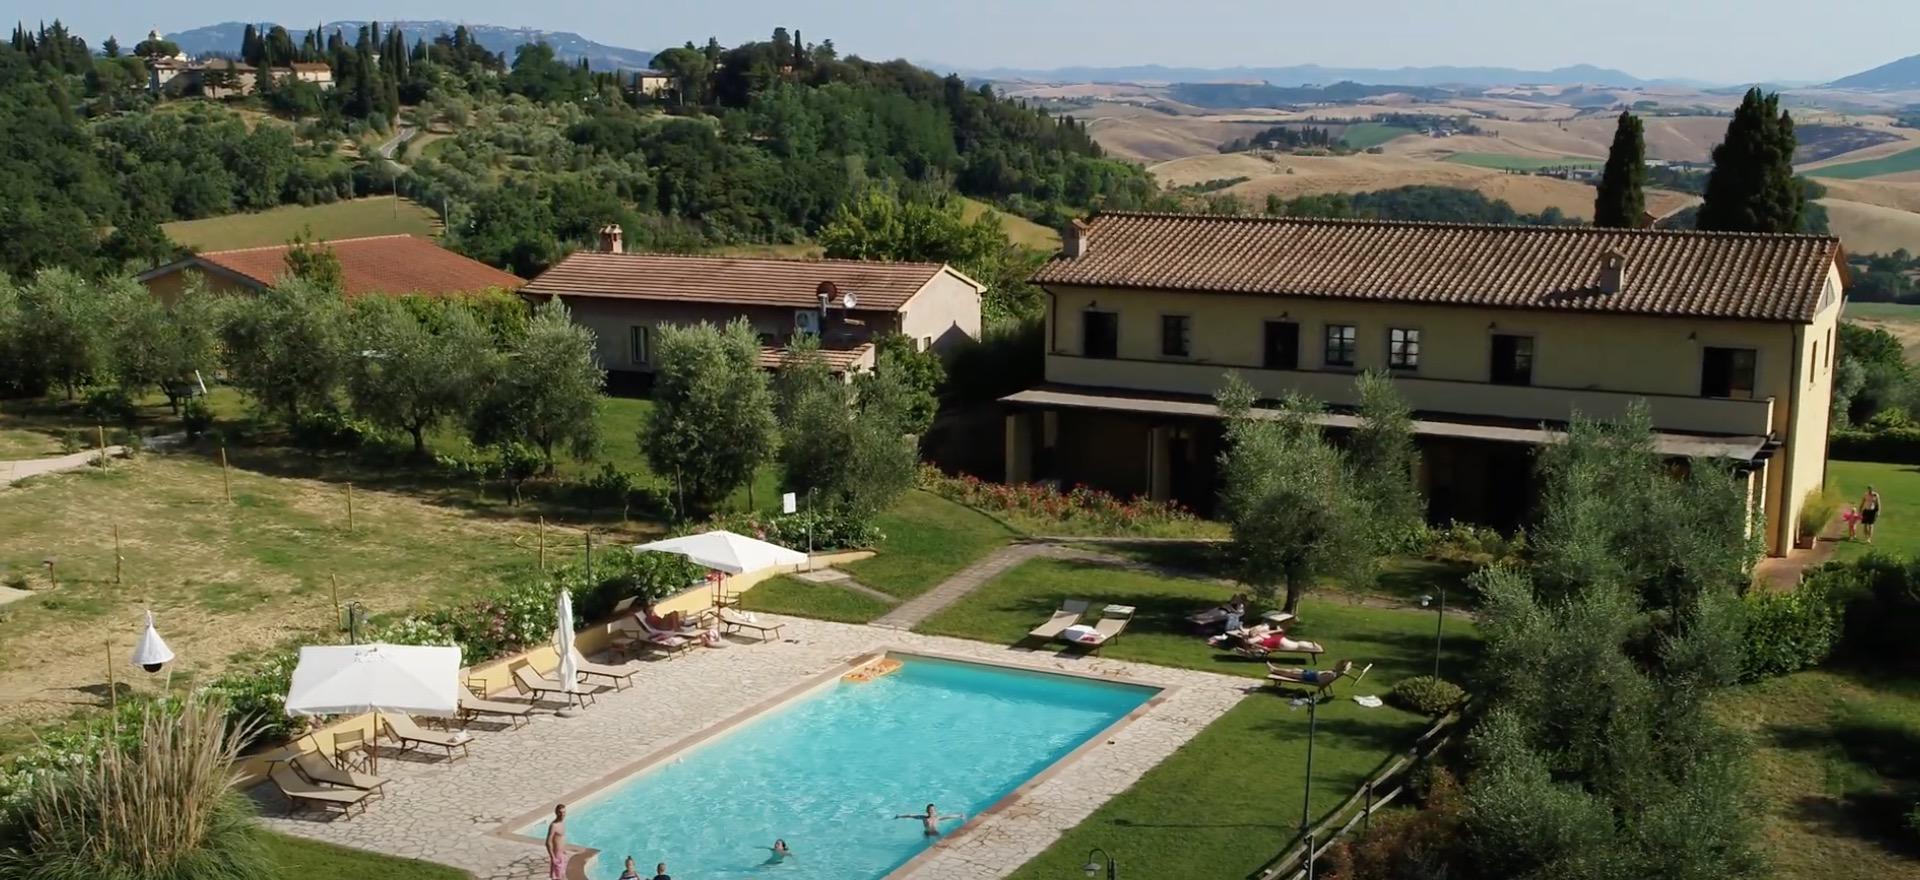 Agriturismo Toscane, gemoedelijk tussen de wijngaarden